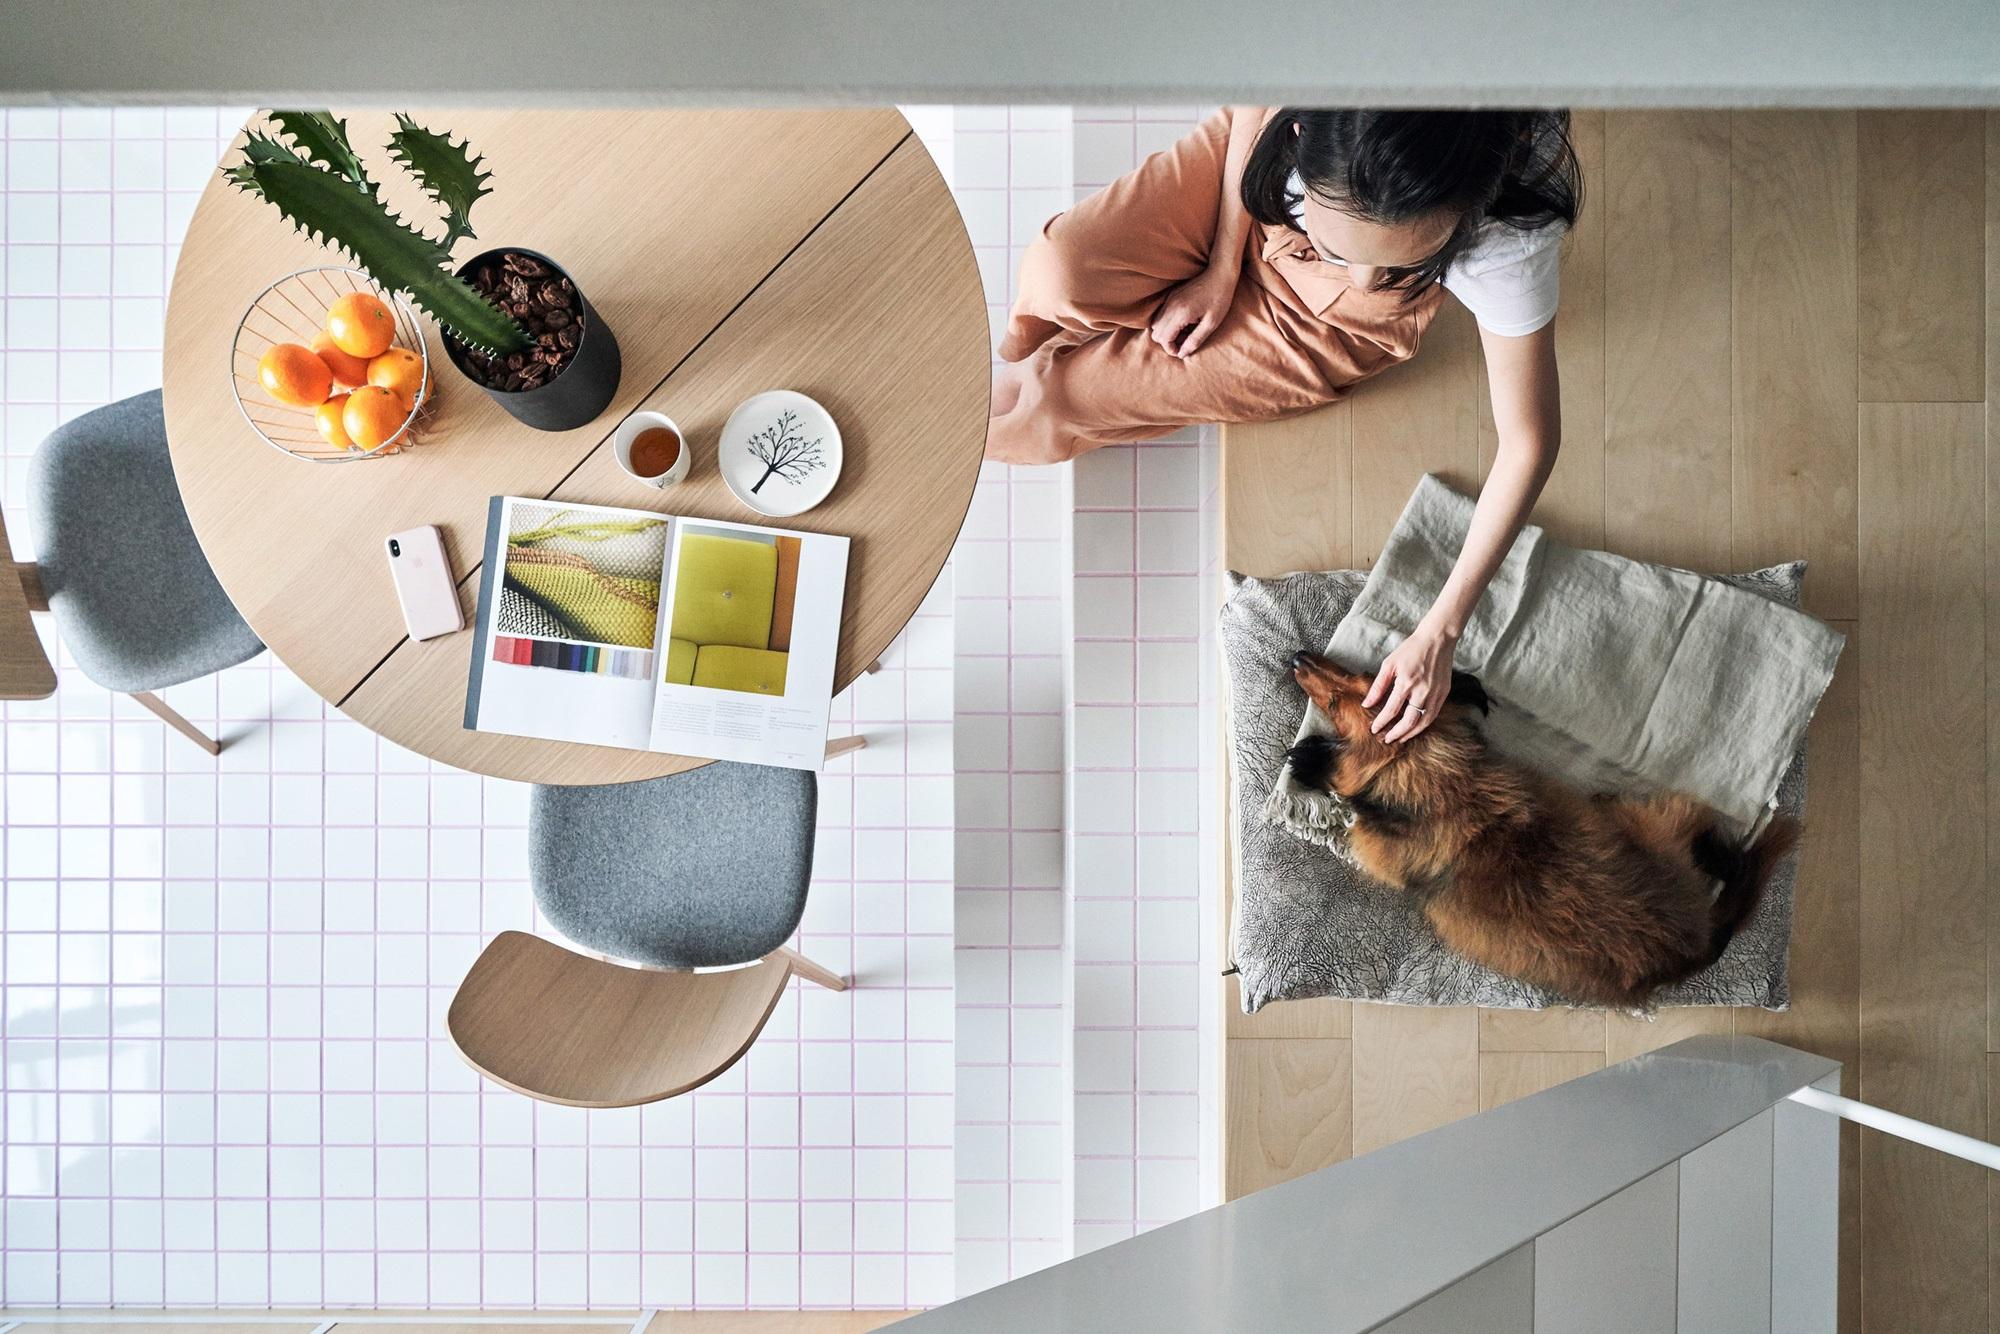 Căn hộ rộng 33m² siêu ấn tượng từ cách thiết kế đến bài trí nội thất - Ảnh 7